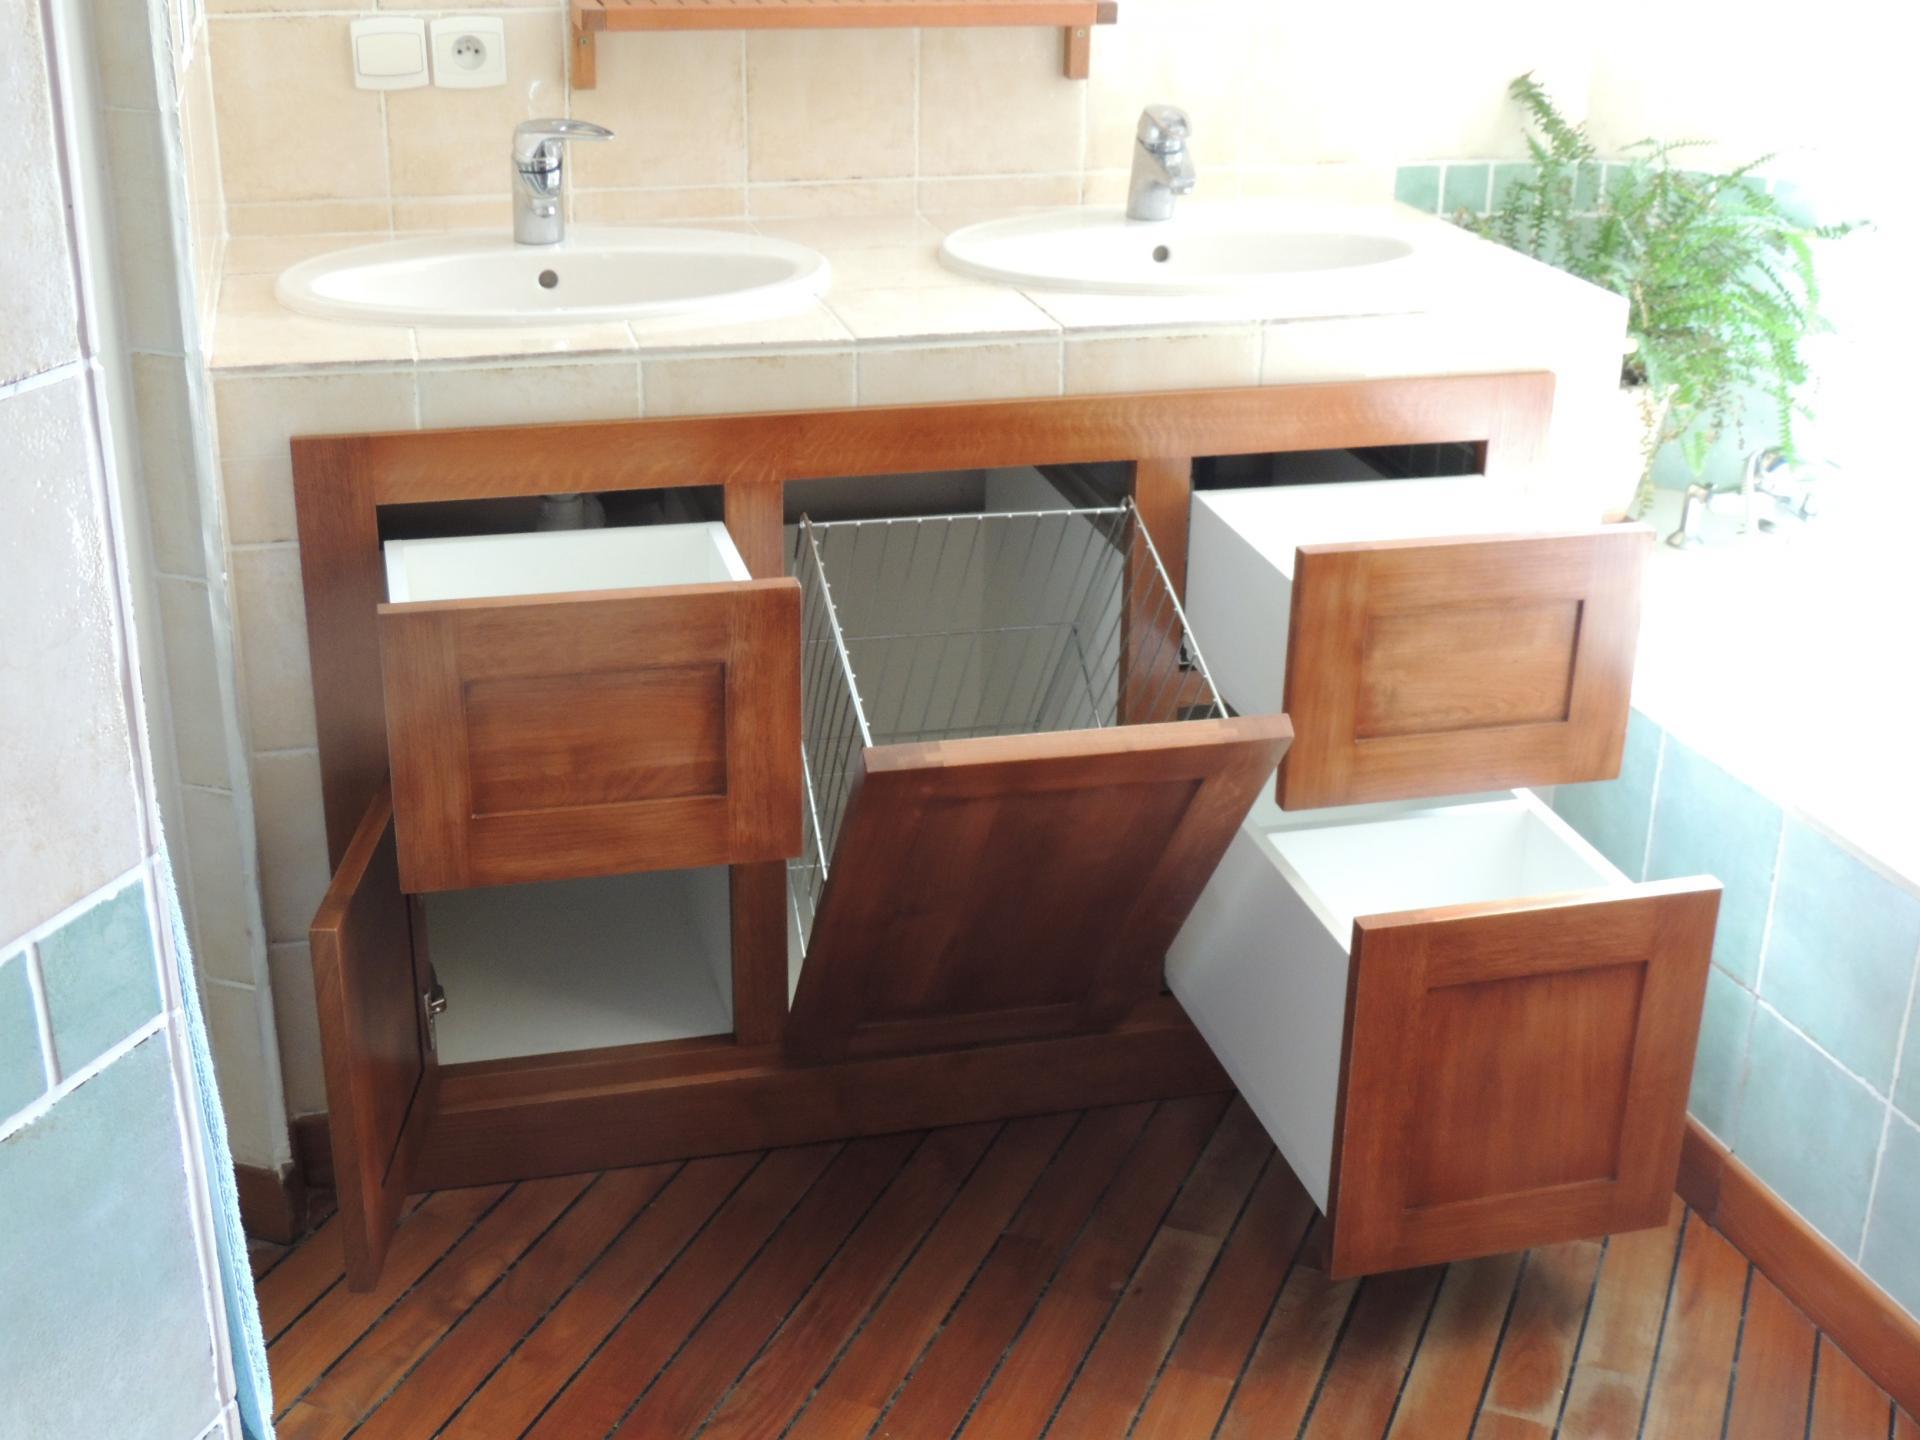 Panière a linge - meuble salle de bain sur mesure - www.ateliercannelle.com